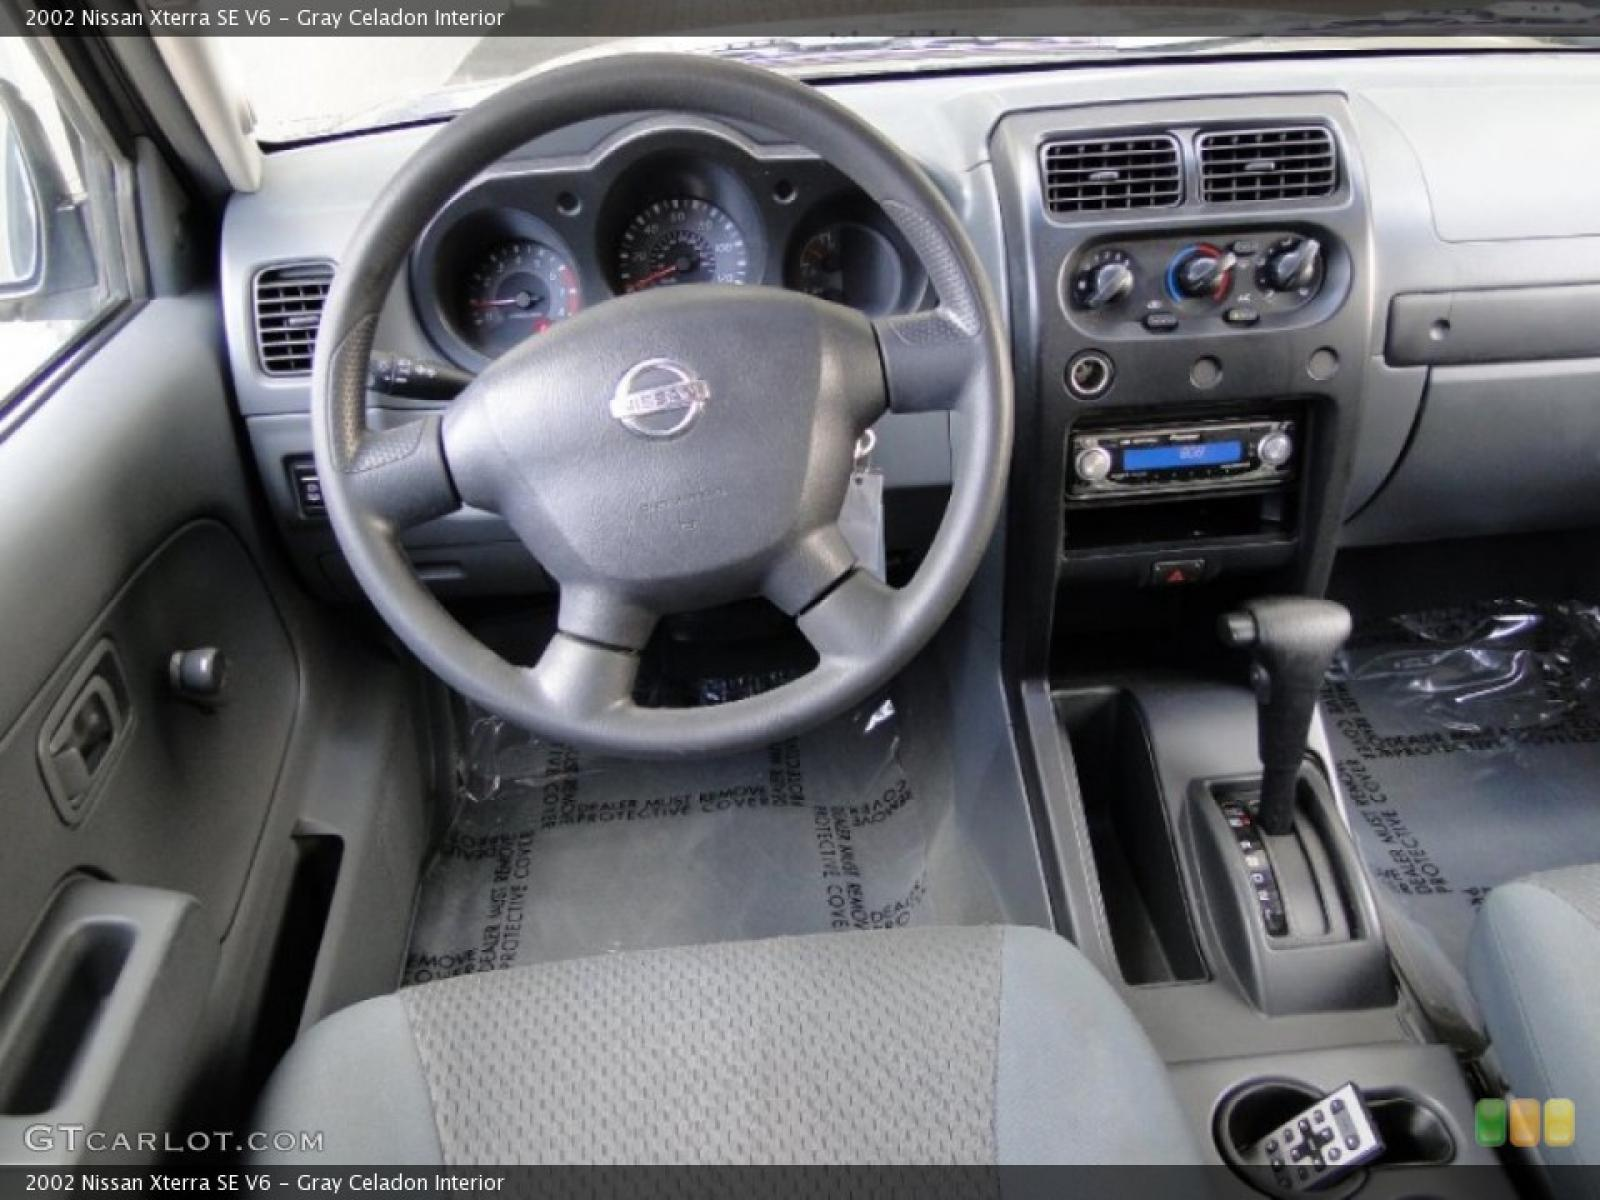 800 1024 1280 1600 Origin 2002 Nissan Xterra ...